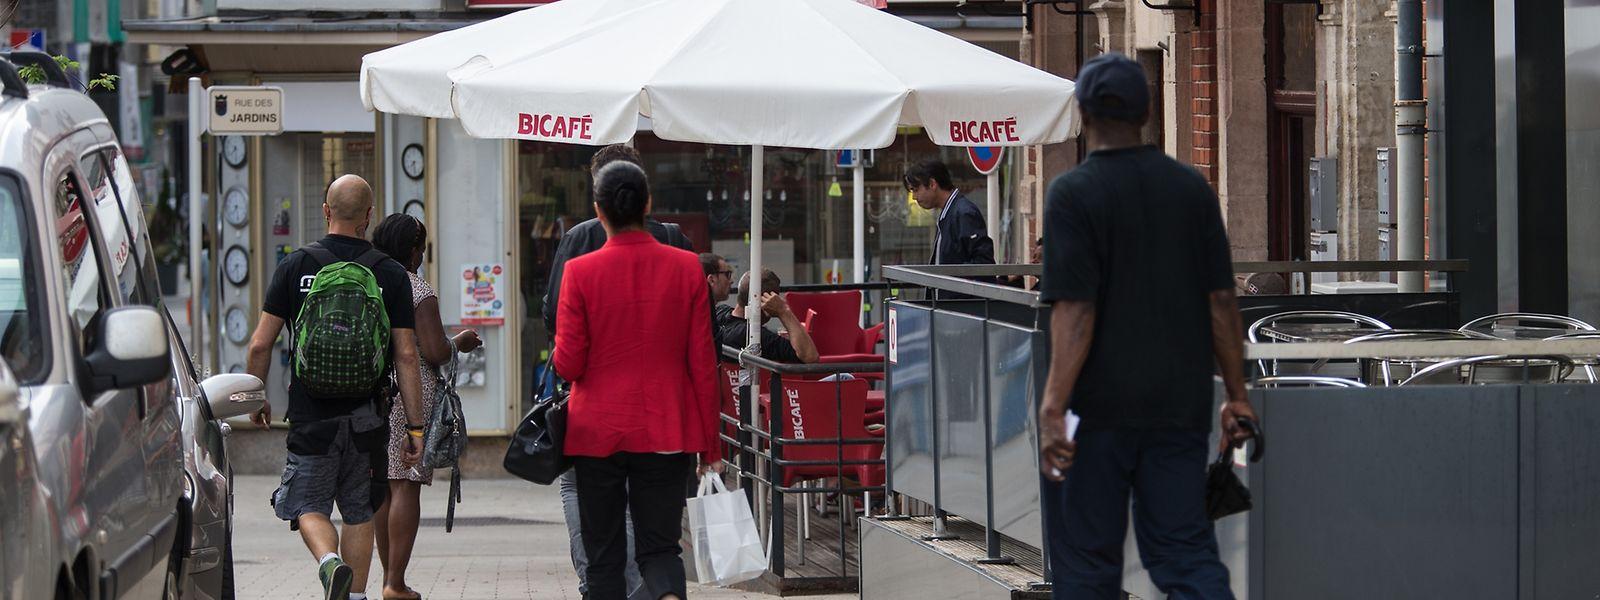 Die Auseinandersetzungen zwischen den Jugendgruppen hatten vor einer Gaststätte in der Escher Avenue de la Gare begonnen.